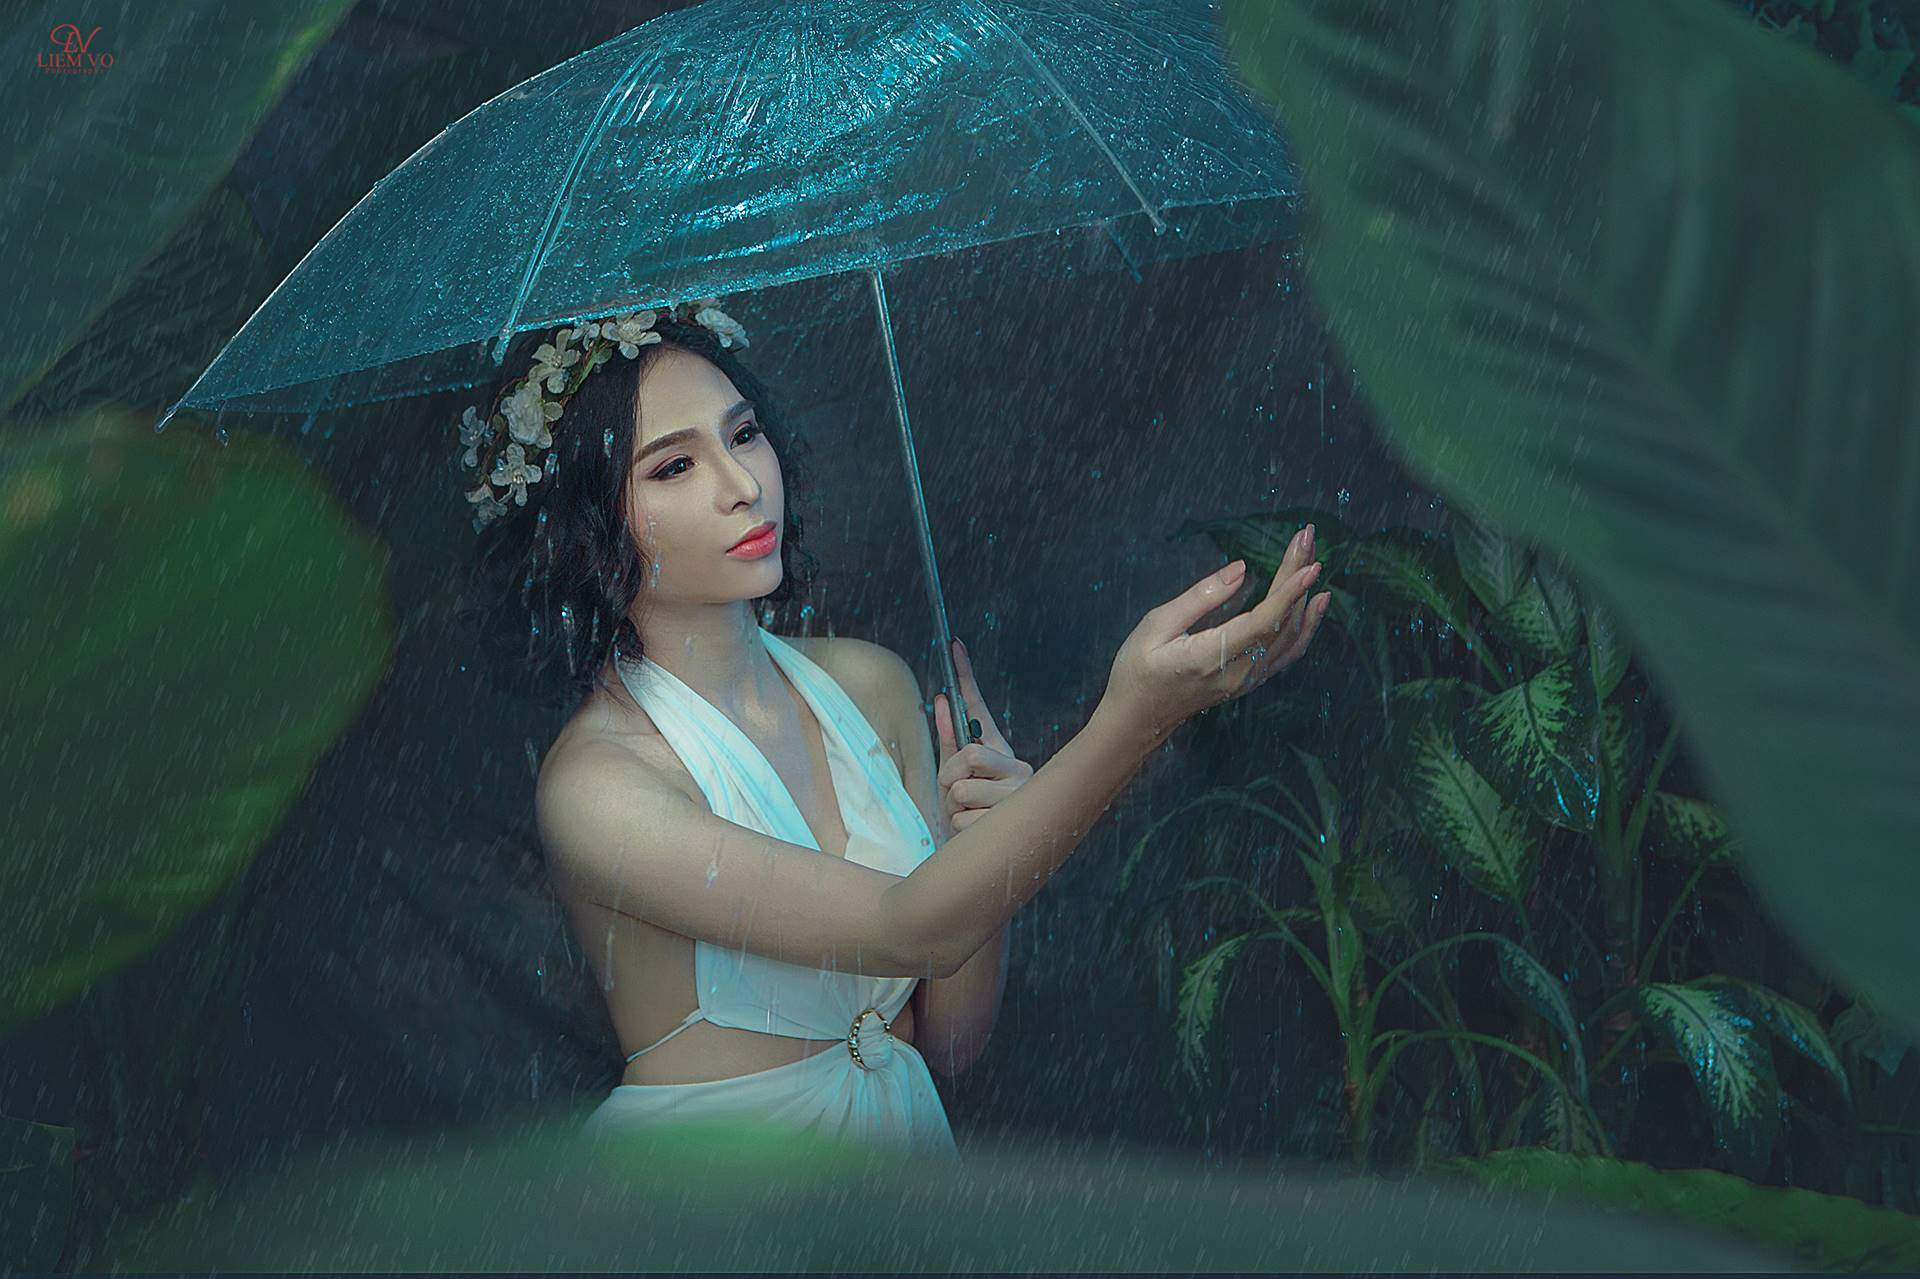 Chụp ảnh nghệ thuật giá rẻ và đẹp - Concept Ma mị